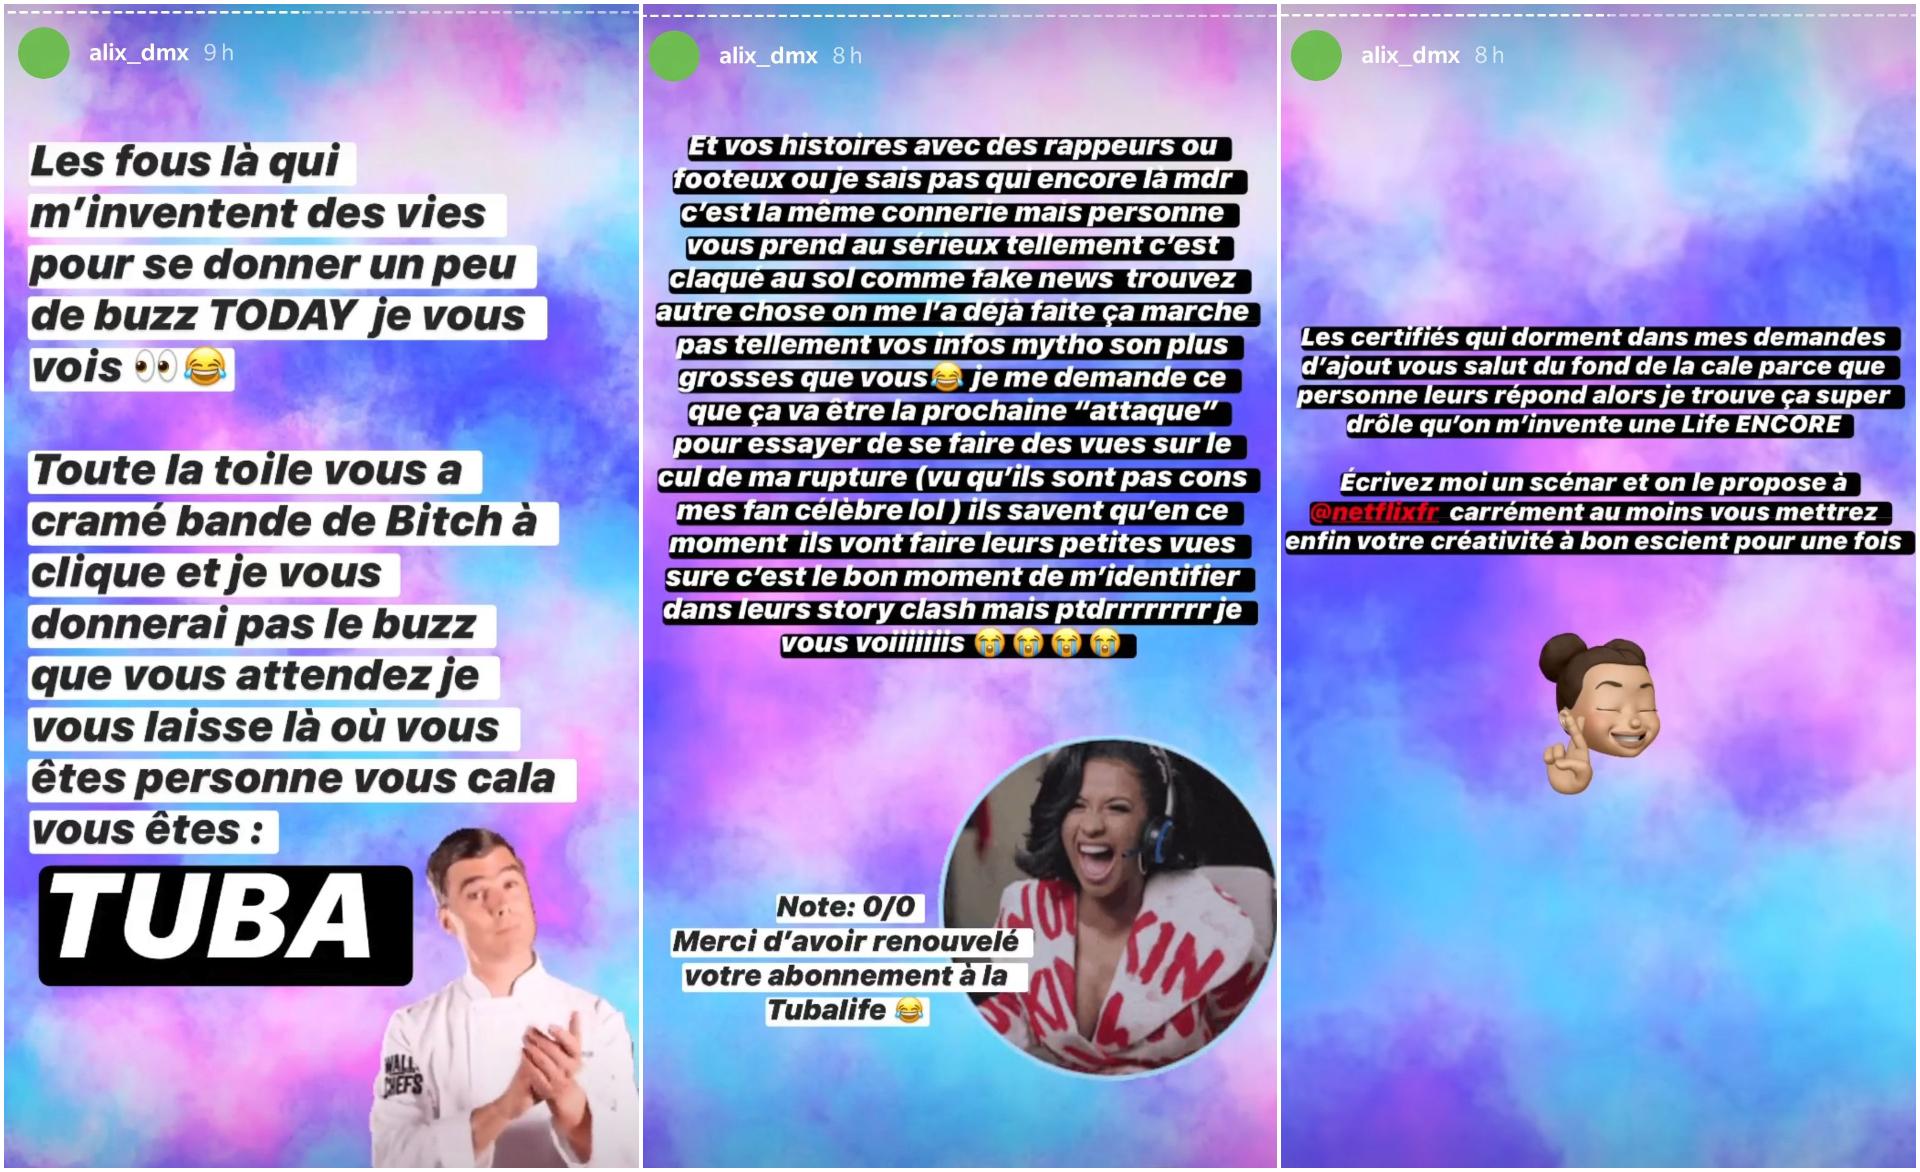 LMAC : Julien Guirado dézingue Alix et balance sa liaison avec un rappeur ! [Mis à jour]